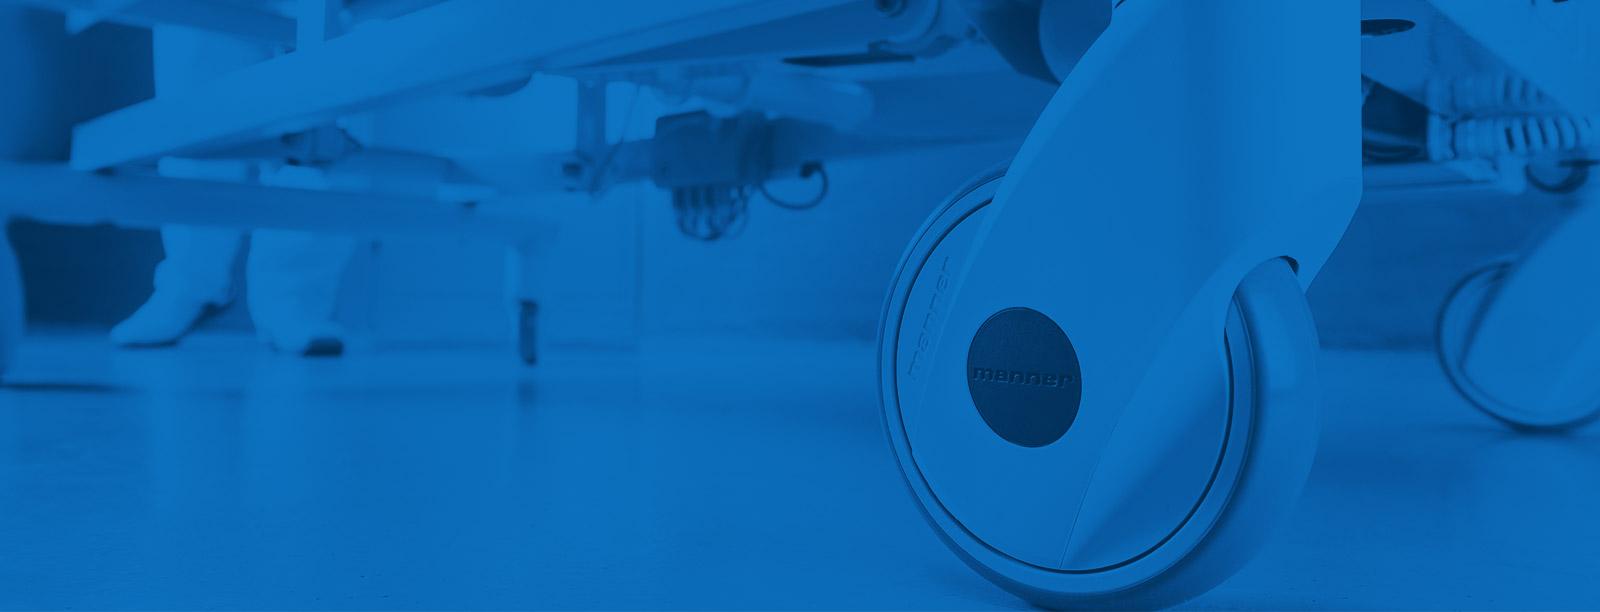 Mannerin kalustepyörät sopivat terveydenhuollon laitteisiin